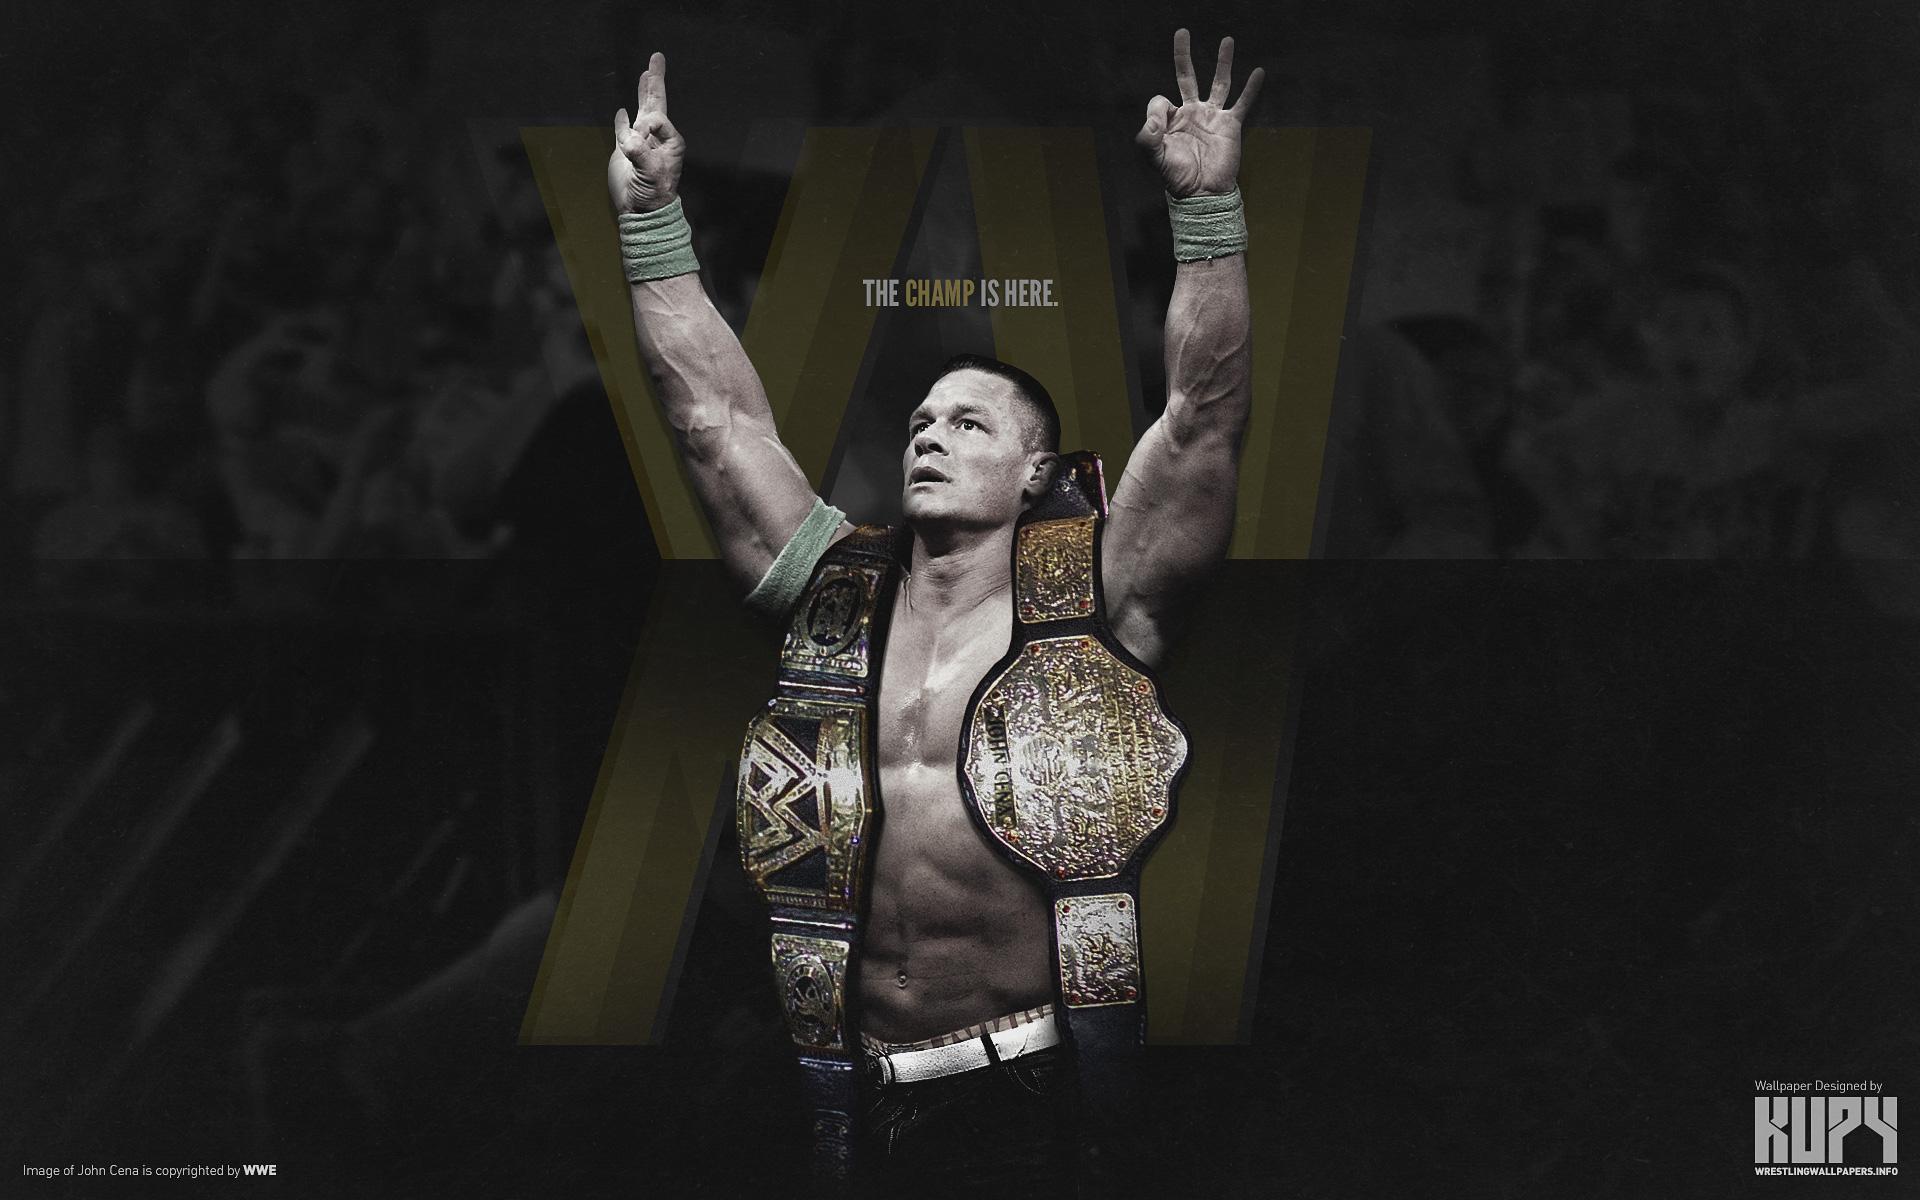 New John Cena 15 Time World Champion Wallpaper Kupy Wrestling